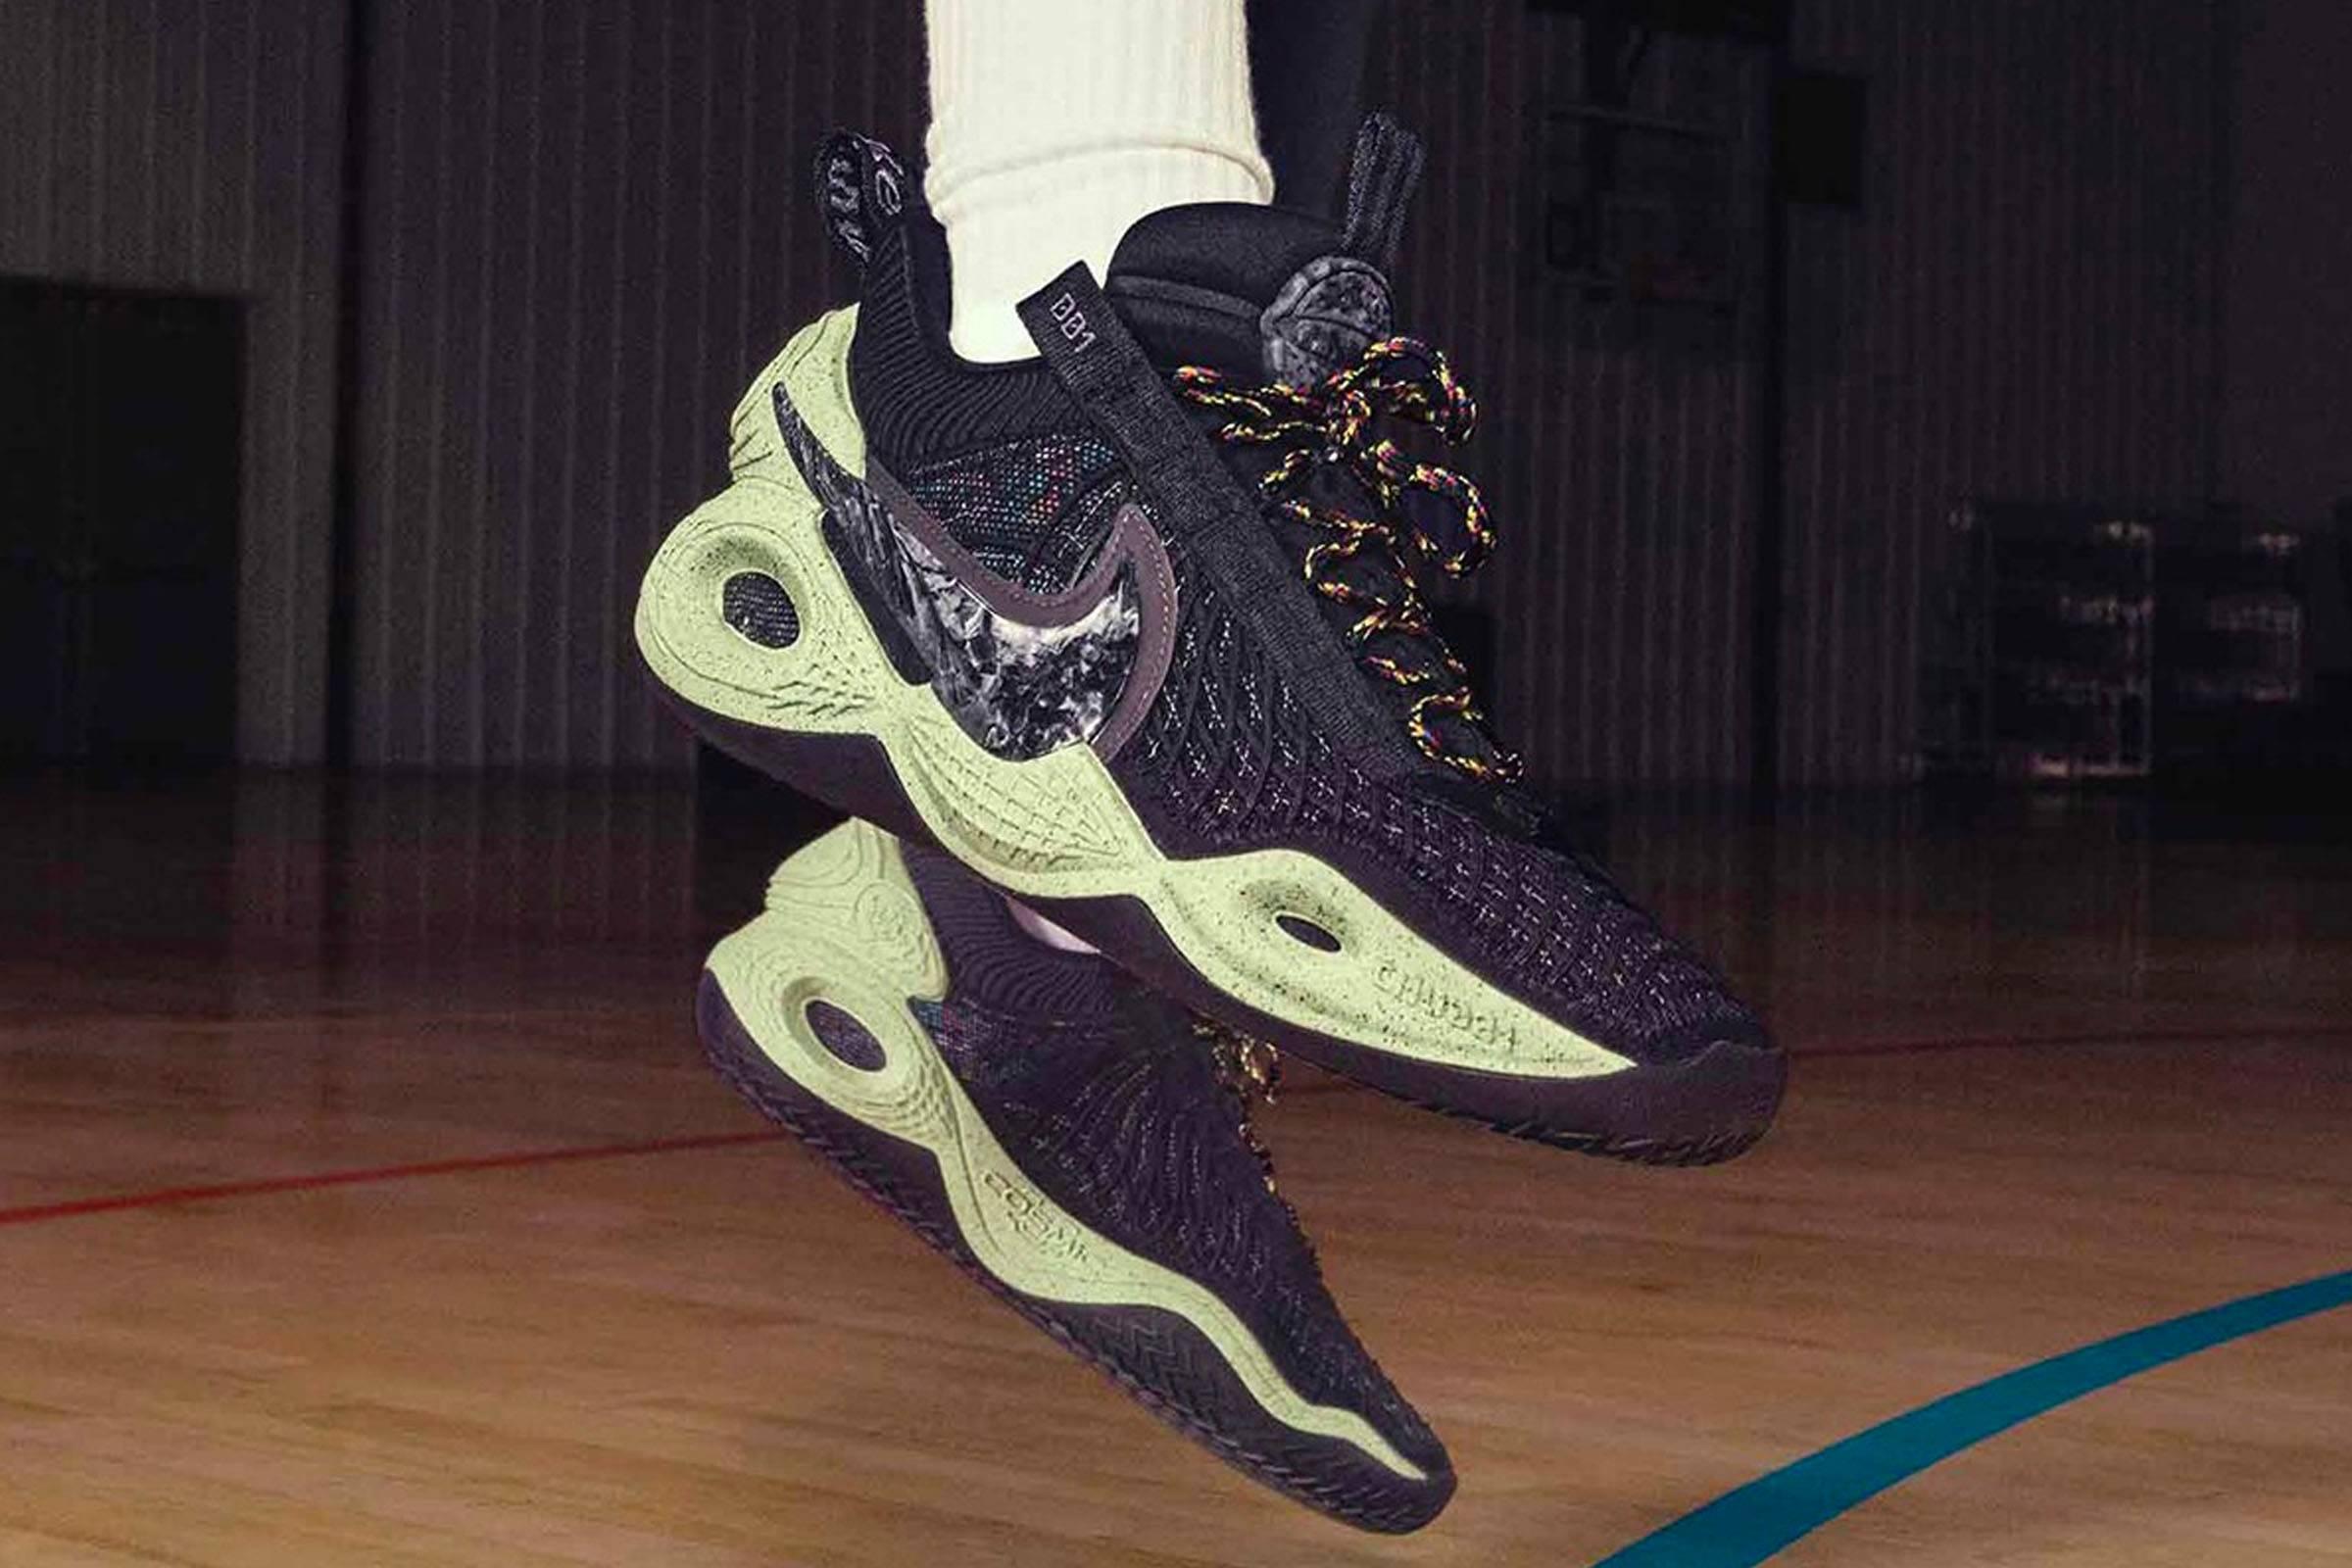 The Week In Sneakers: Week of February 22, 2021